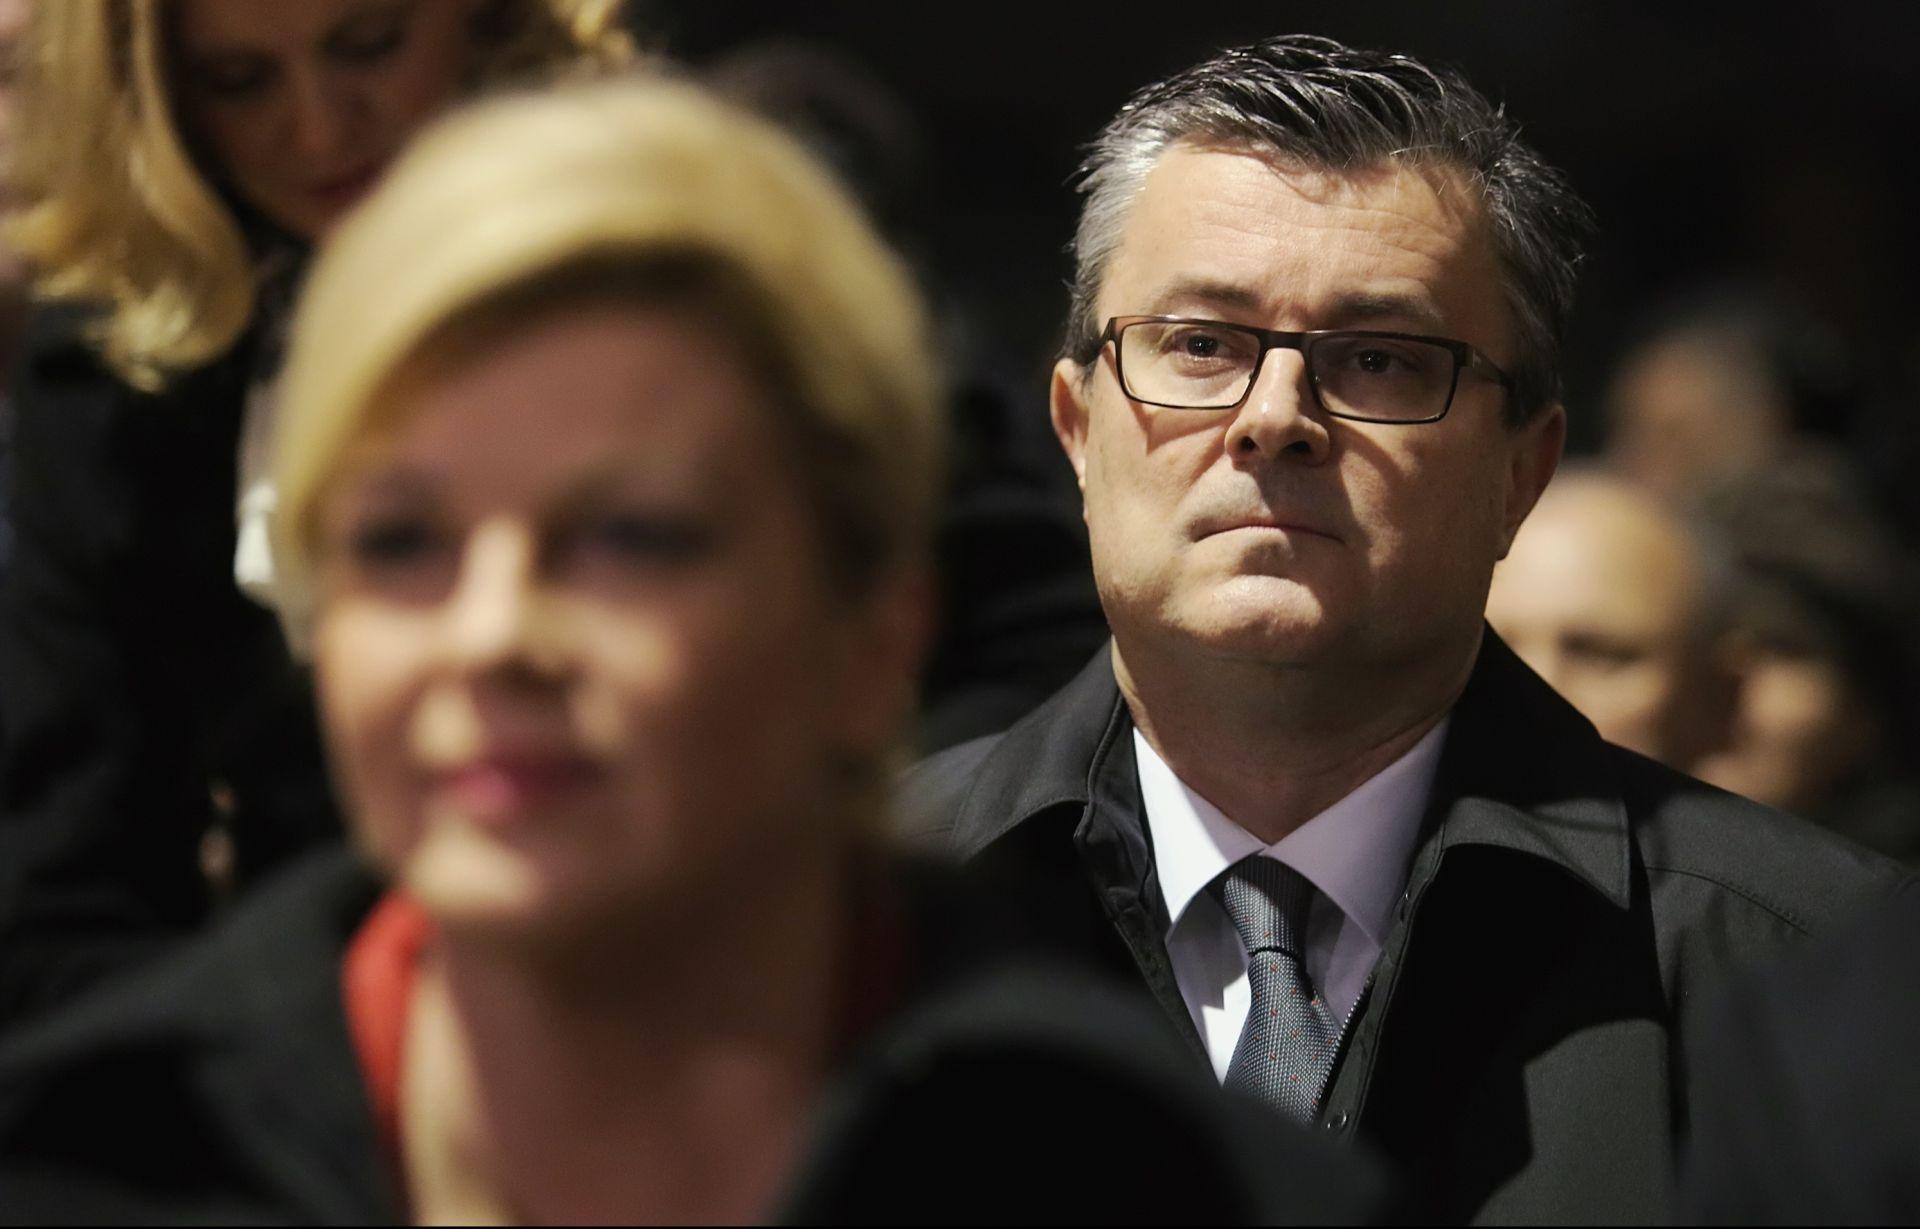 PREDSJEDNICA POTPISALA: Orešković će svoju odluku o razrješenju Lozančića donijeti idući tjedan